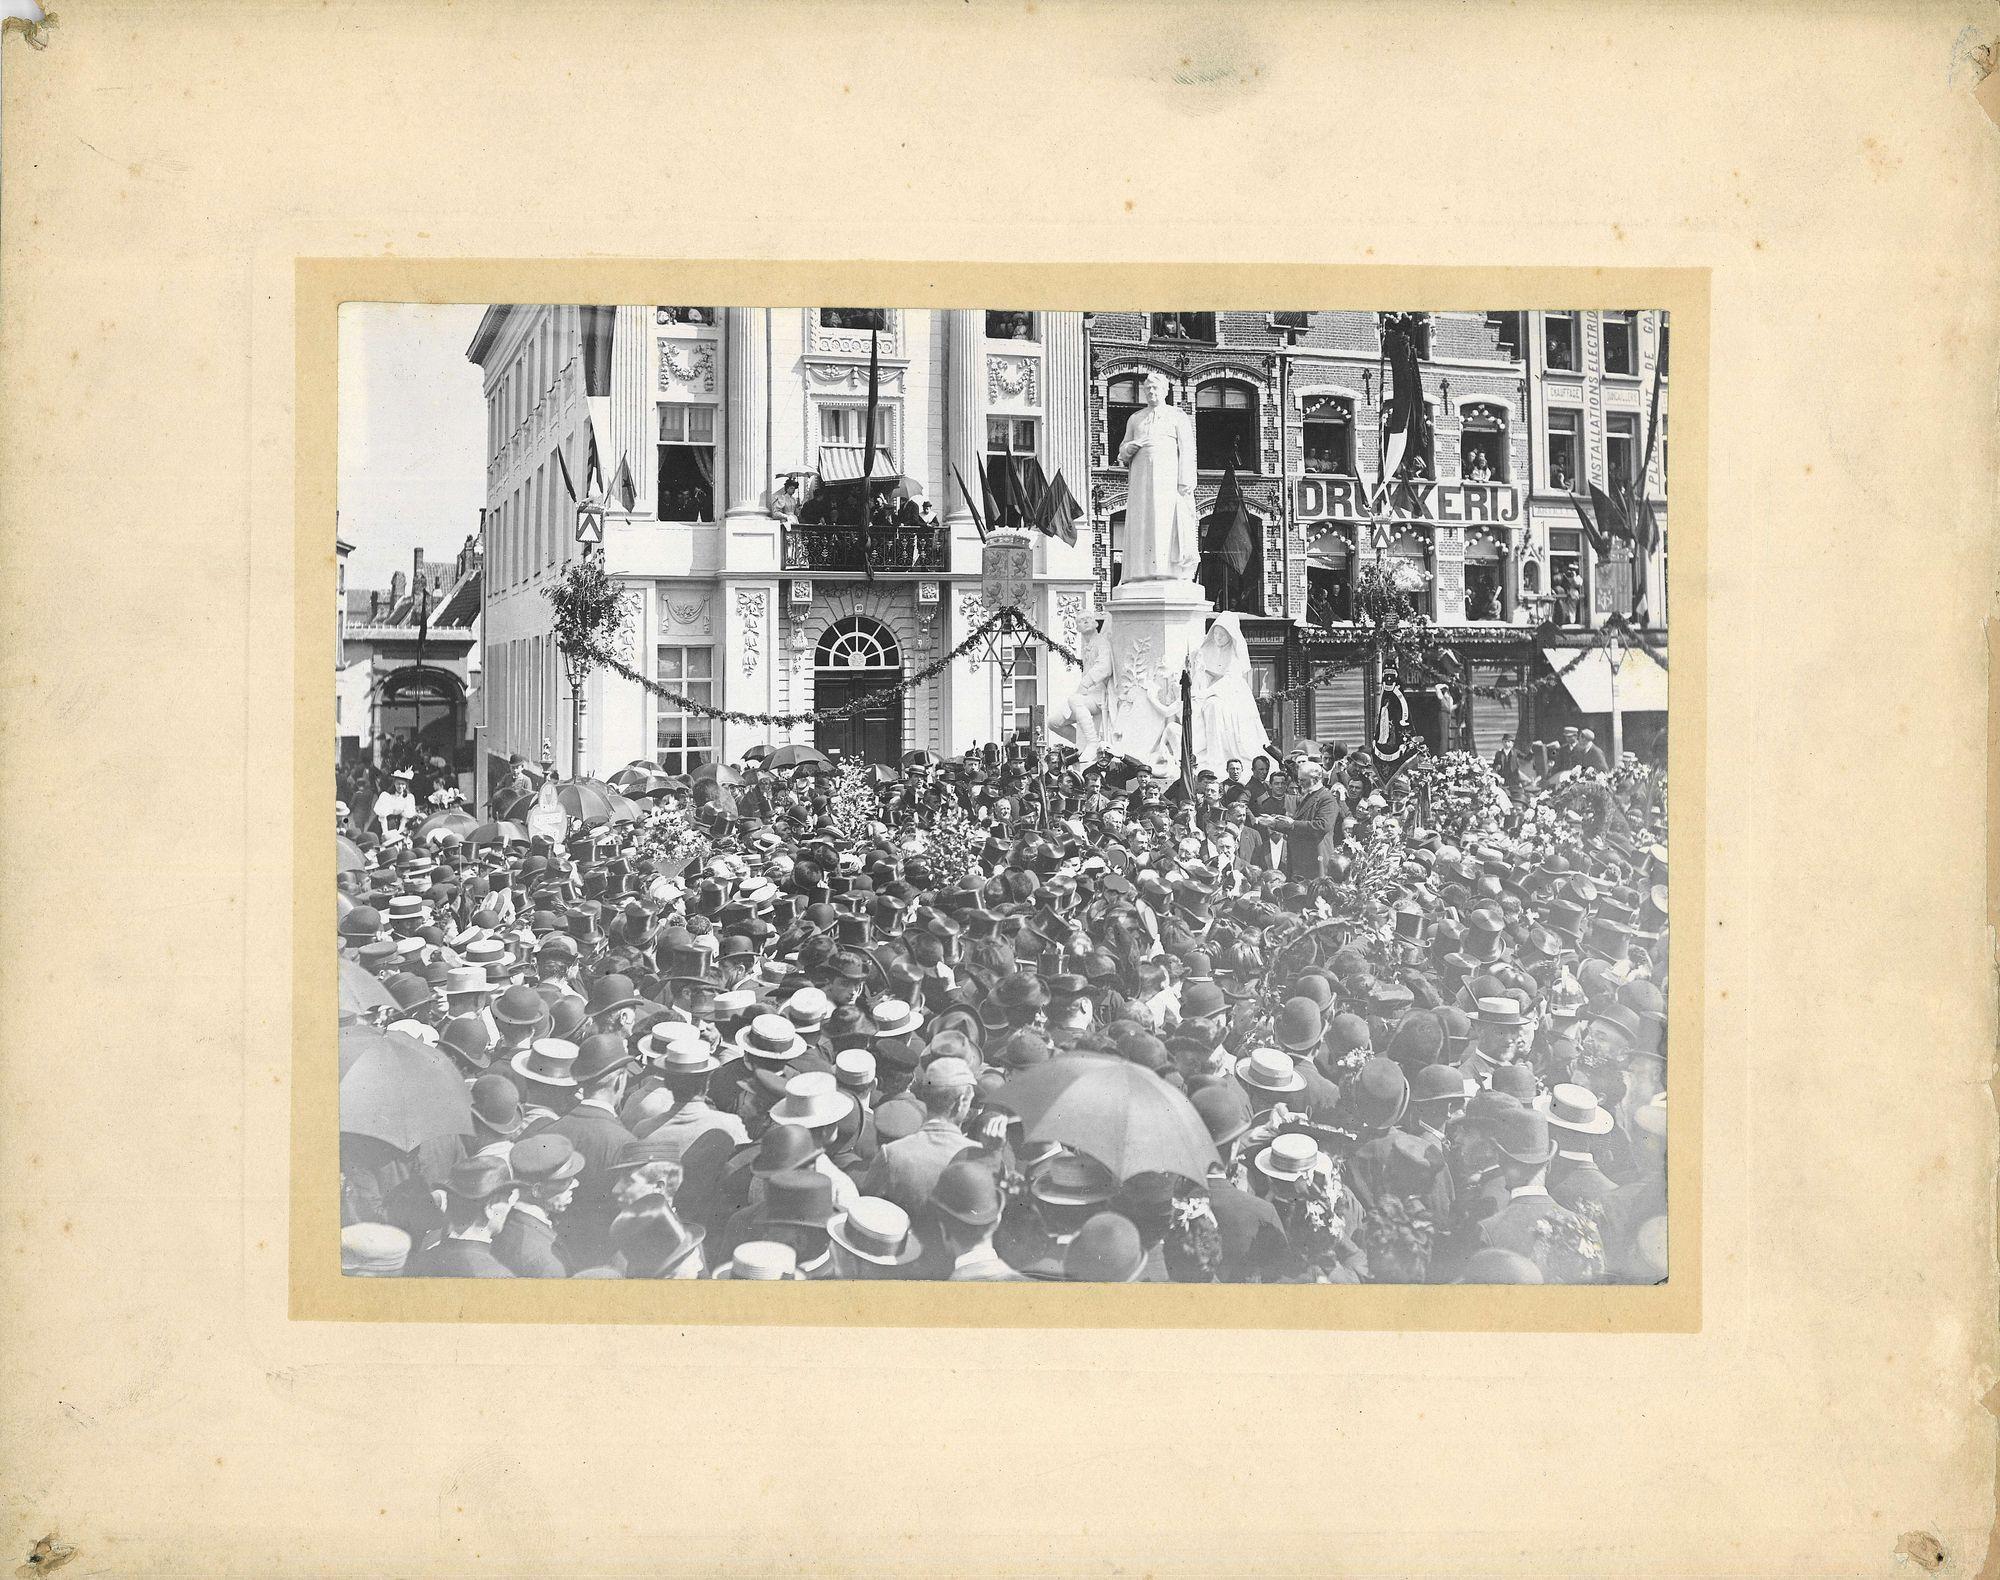 Inhuldiging monument de Haerne in 1895